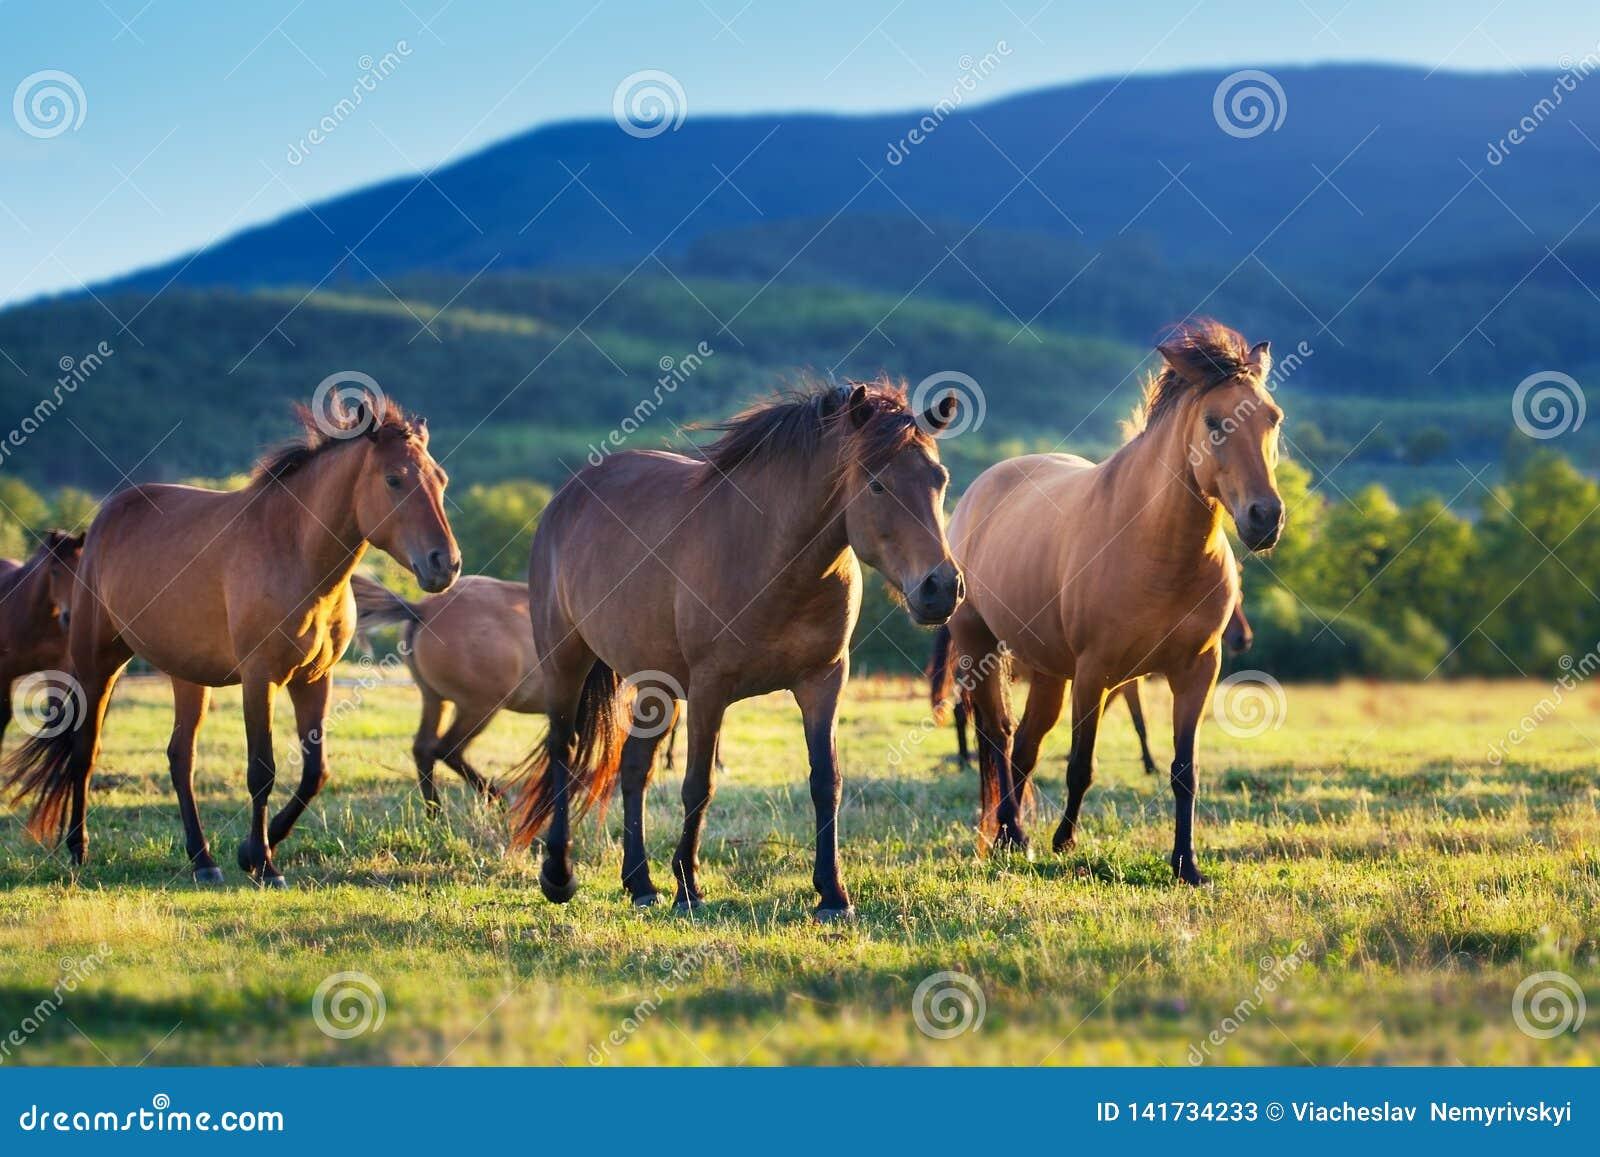 Horses in herd